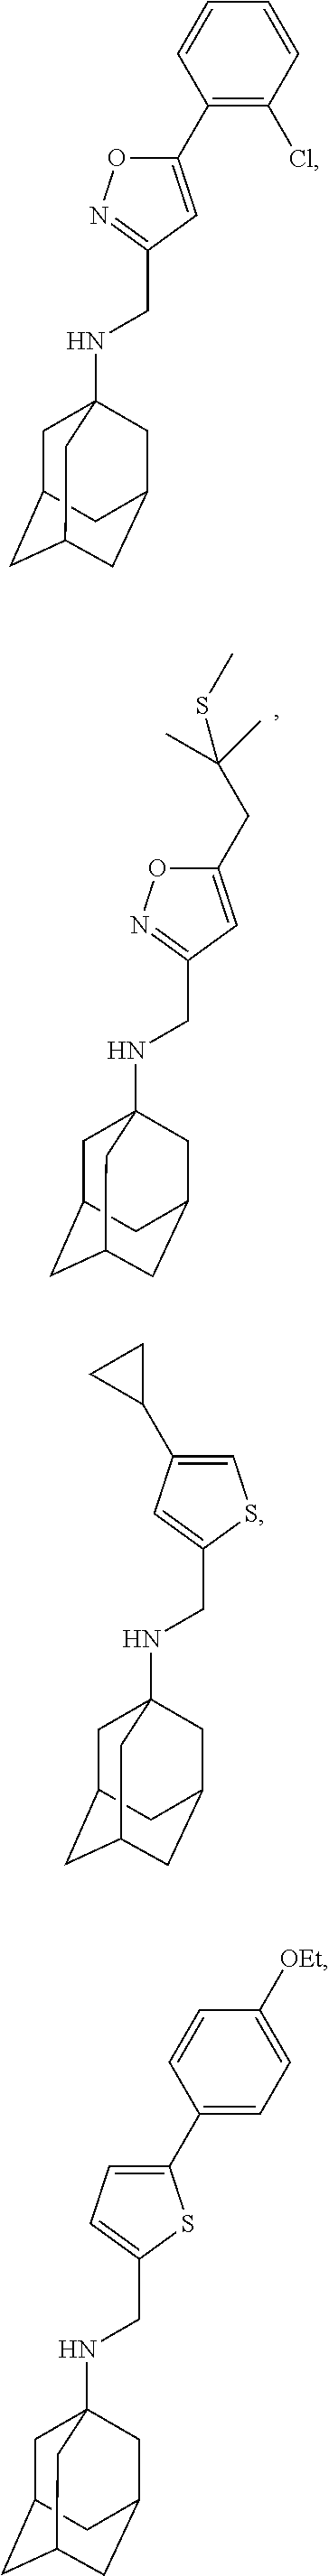 Figure US09884832-20180206-C00086